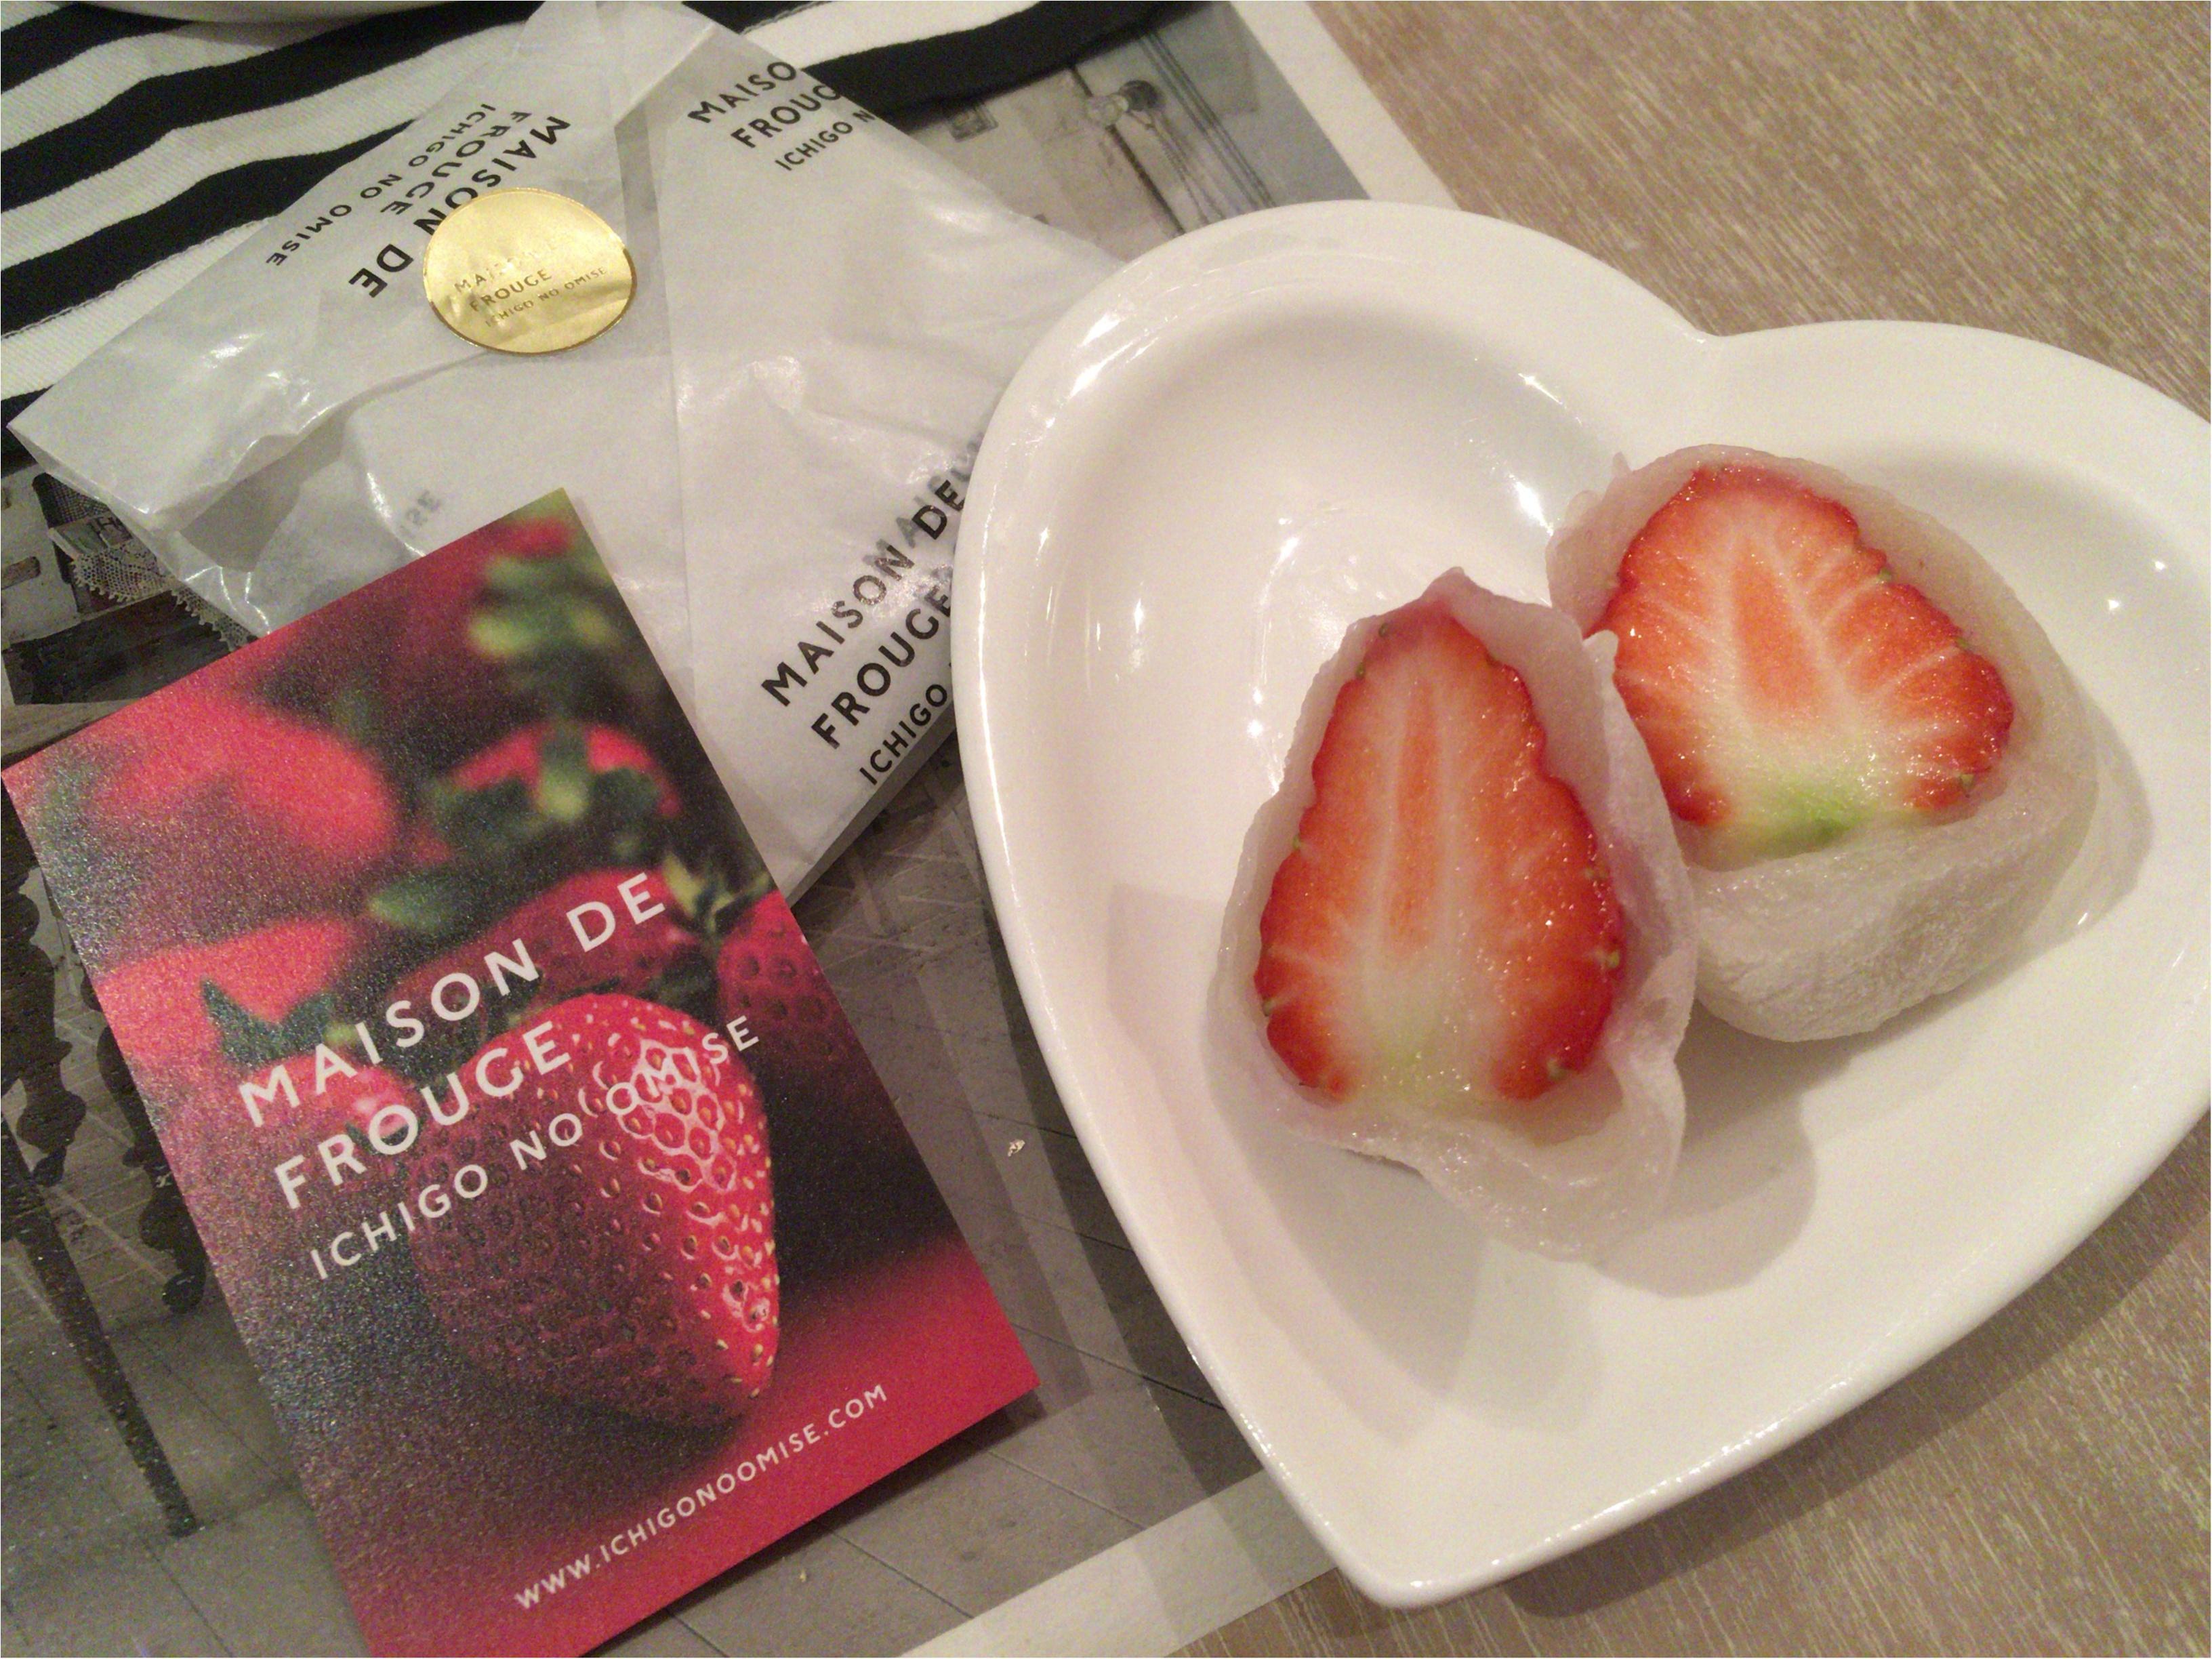 【京都】大人気いちご専門店♡『メゾンドフルージュ』予約必須なインスタ映え《ミルフィーユ》など紹介します♡_6